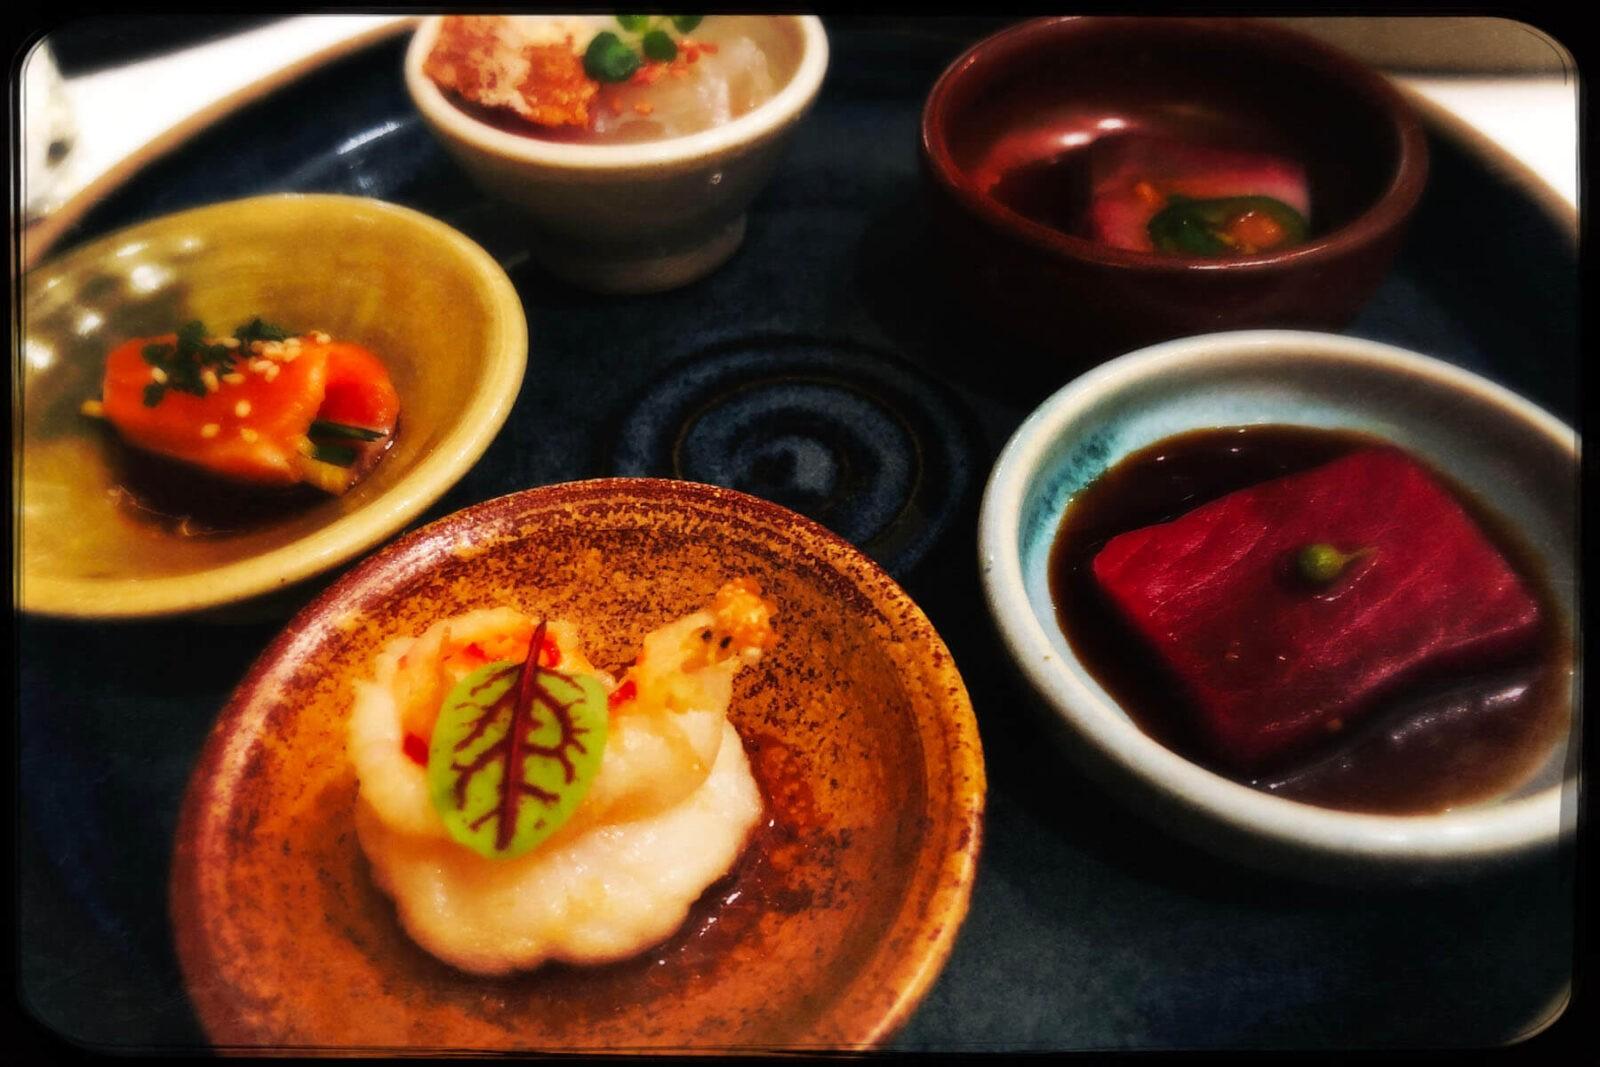 Asiatische Restaurants in Düsseldorf: von günstig bis Sterneküche